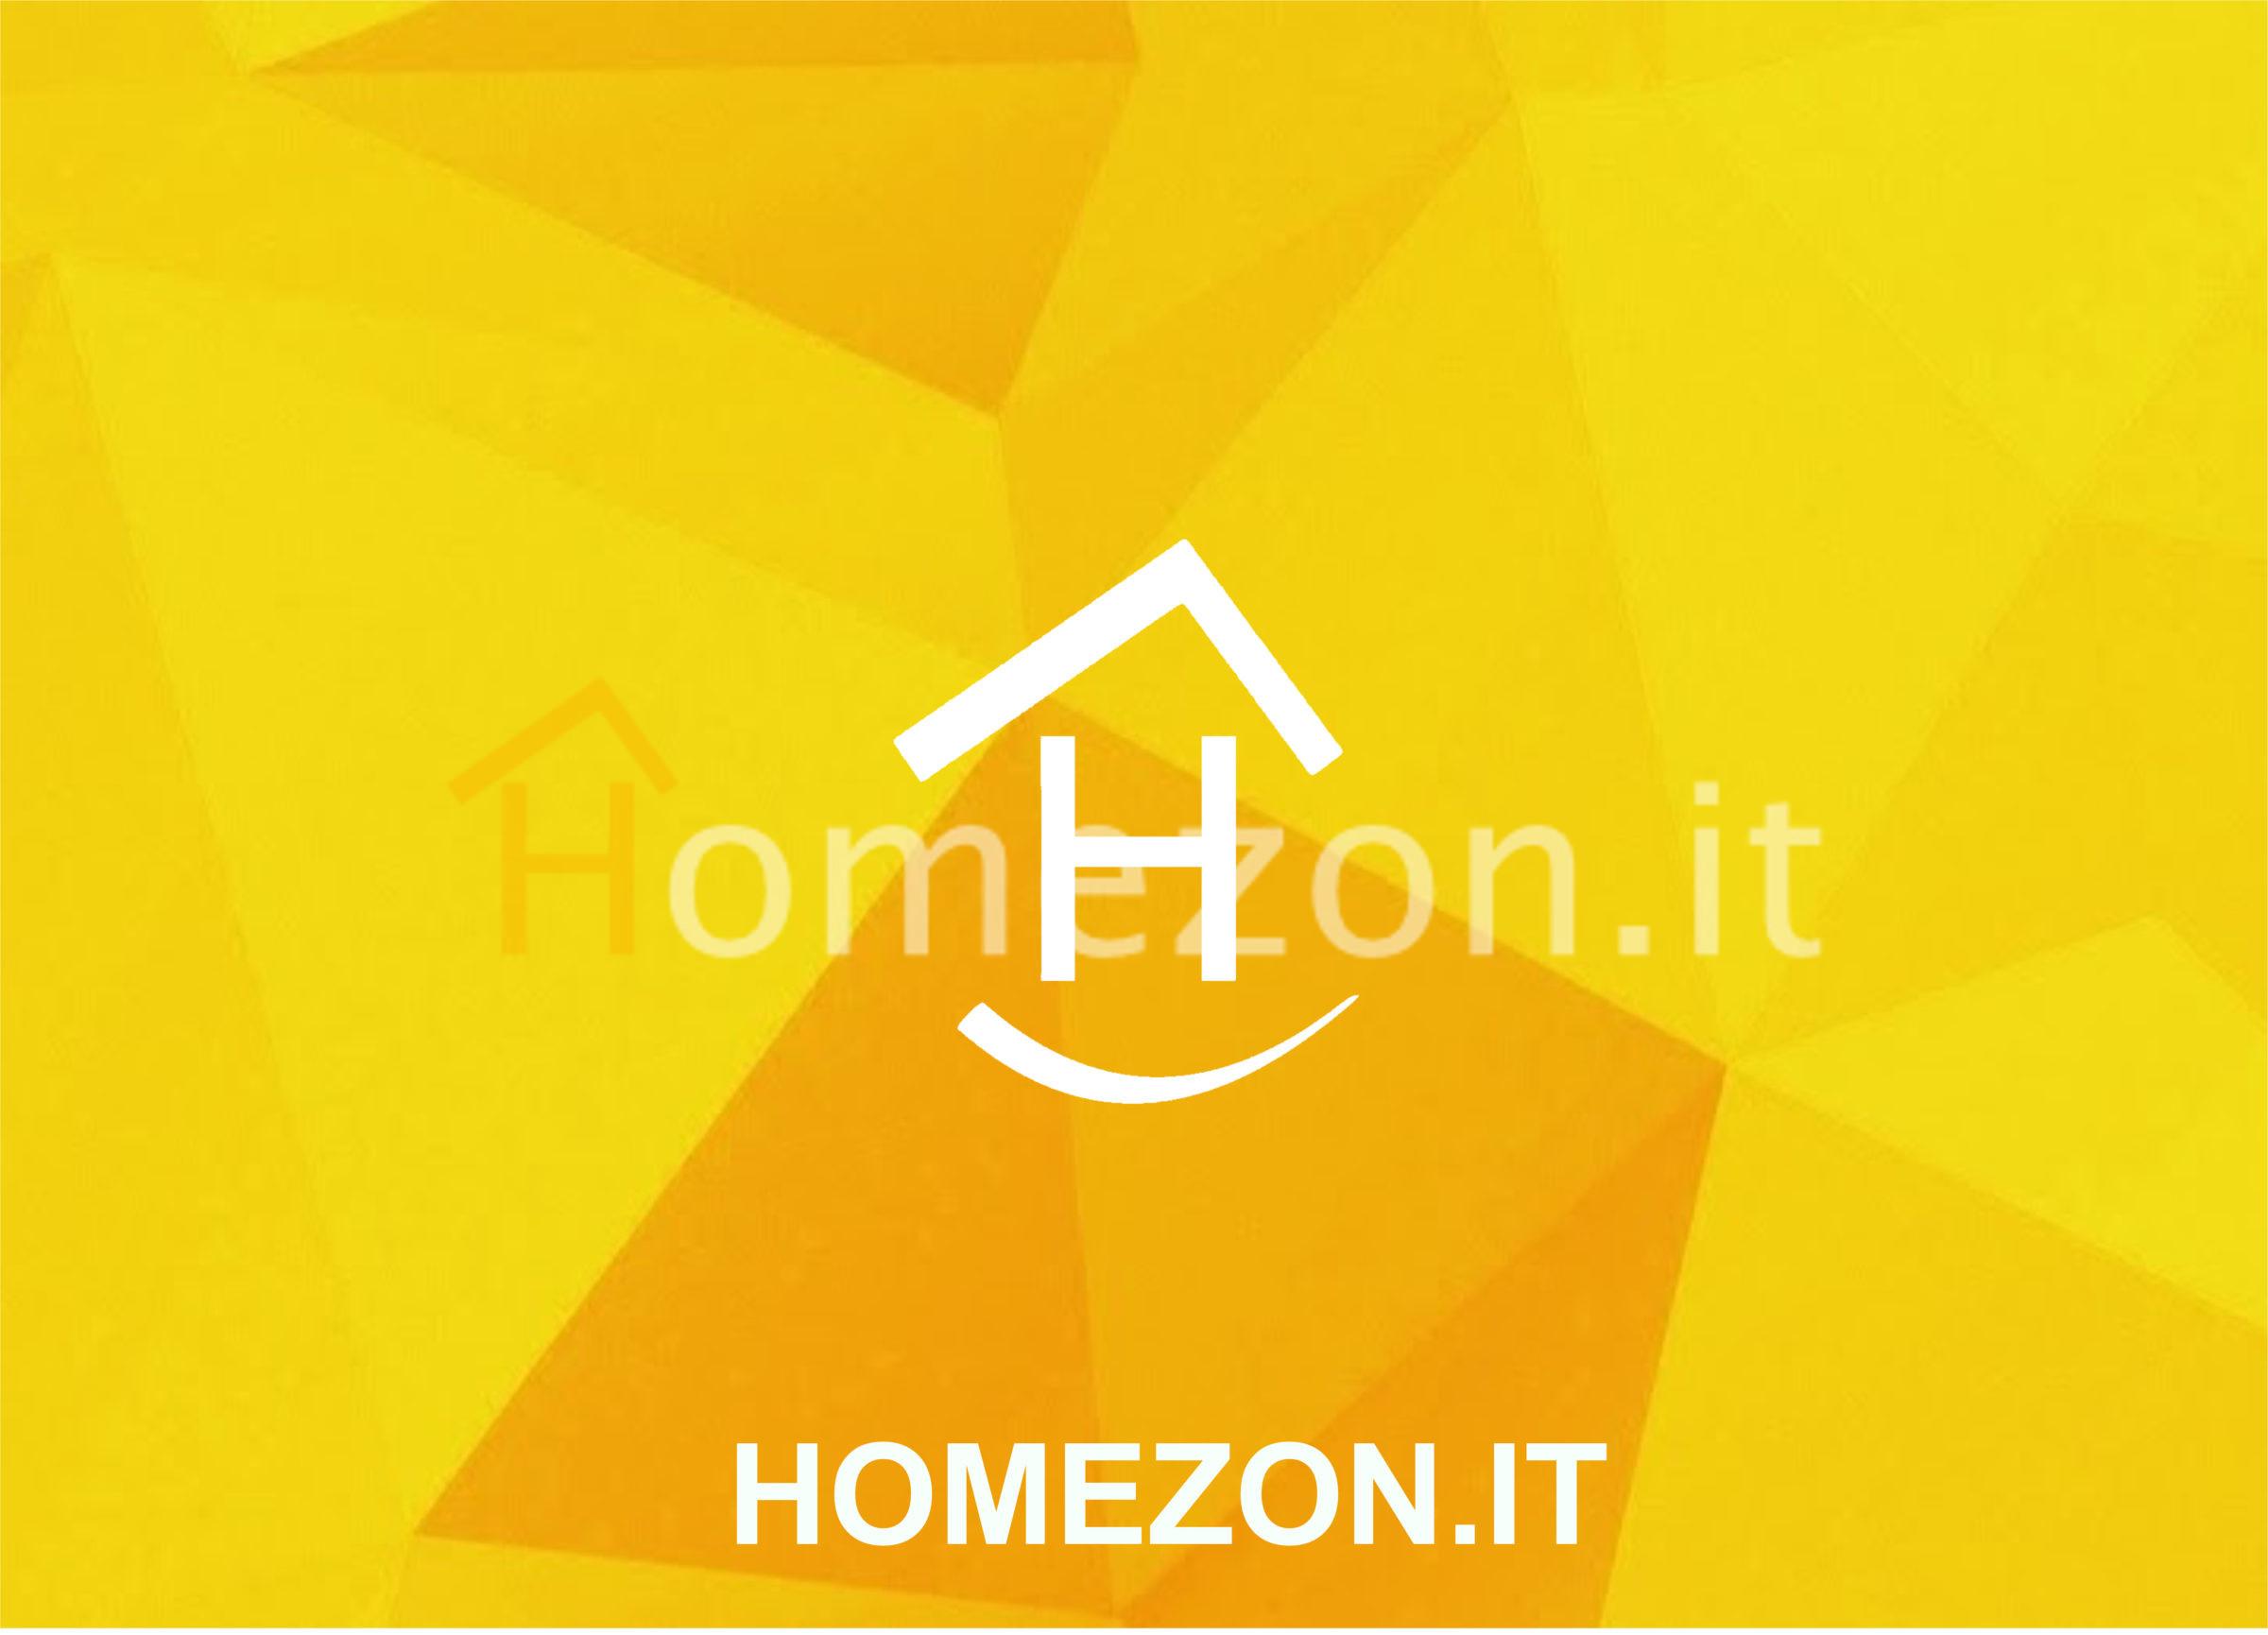 Homezon Agenzia immobiliare Torino - Valutazione vendita affitto